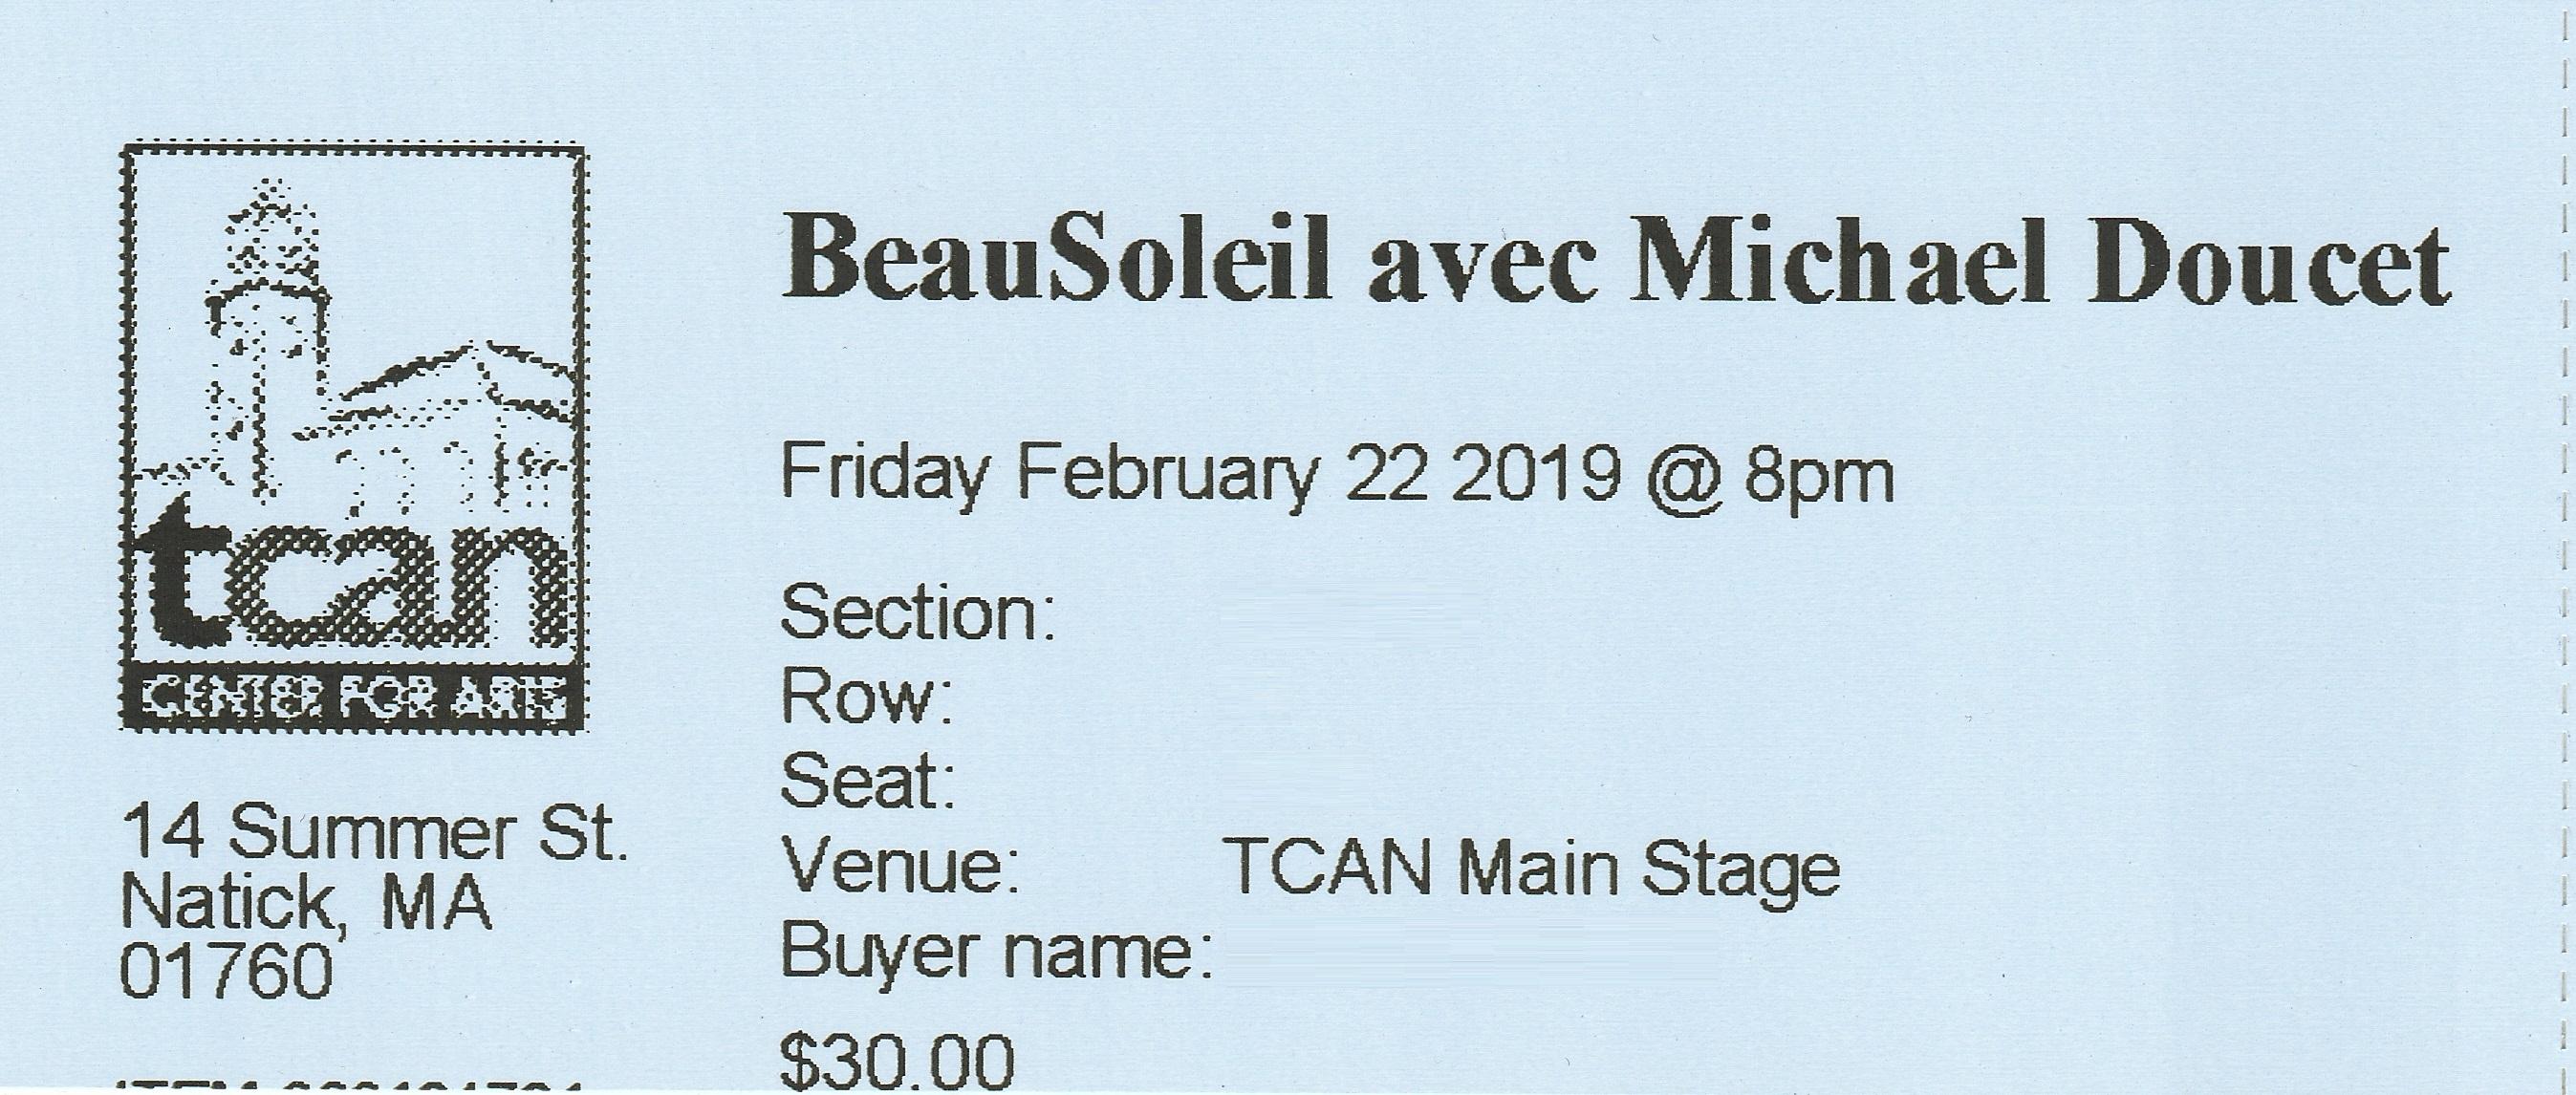 BeauSoleil2019-02-22CenterForArtsNatickMA.jpg